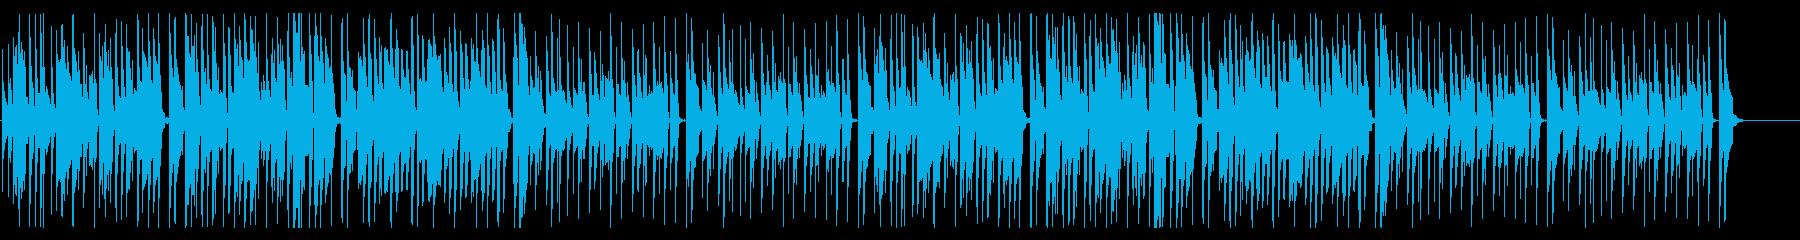 ハプニング ドタバタ コミカル ポップの再生済みの波形